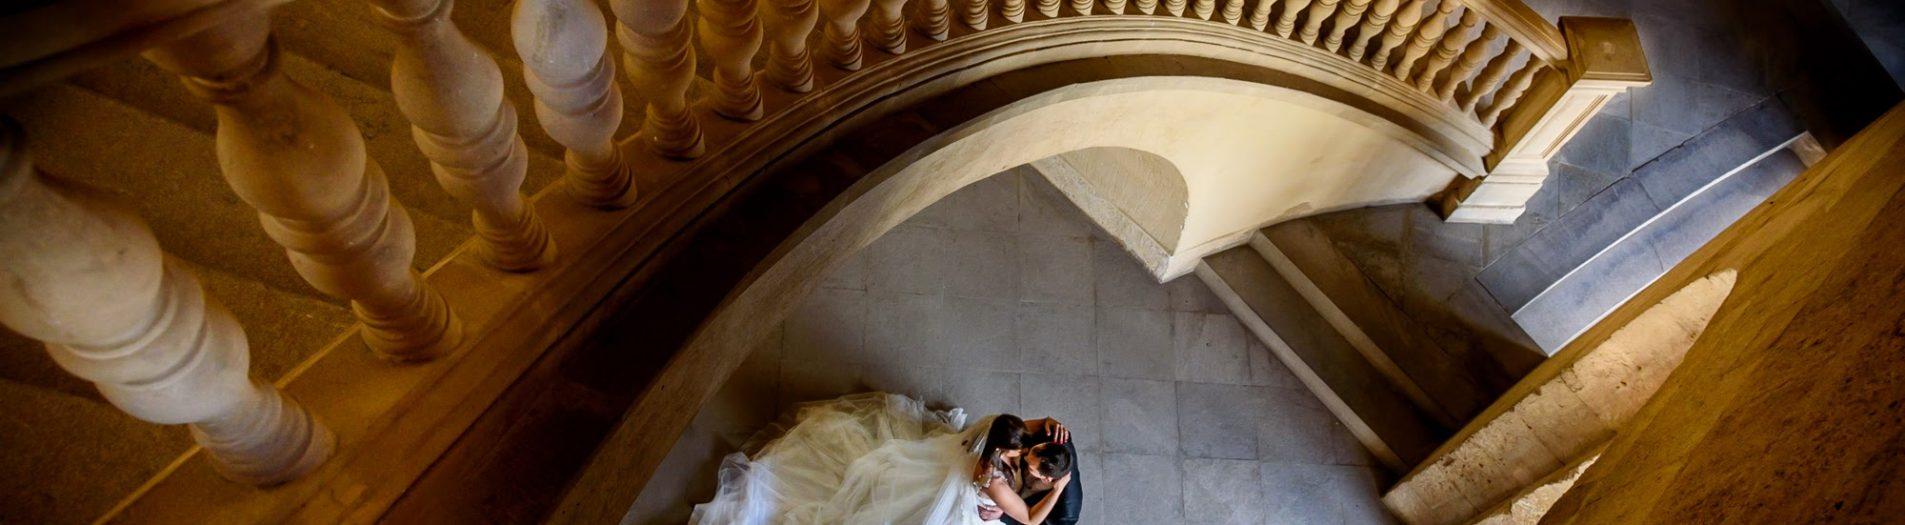 Postboda Alhambra y Generalife Granada - Maite y José